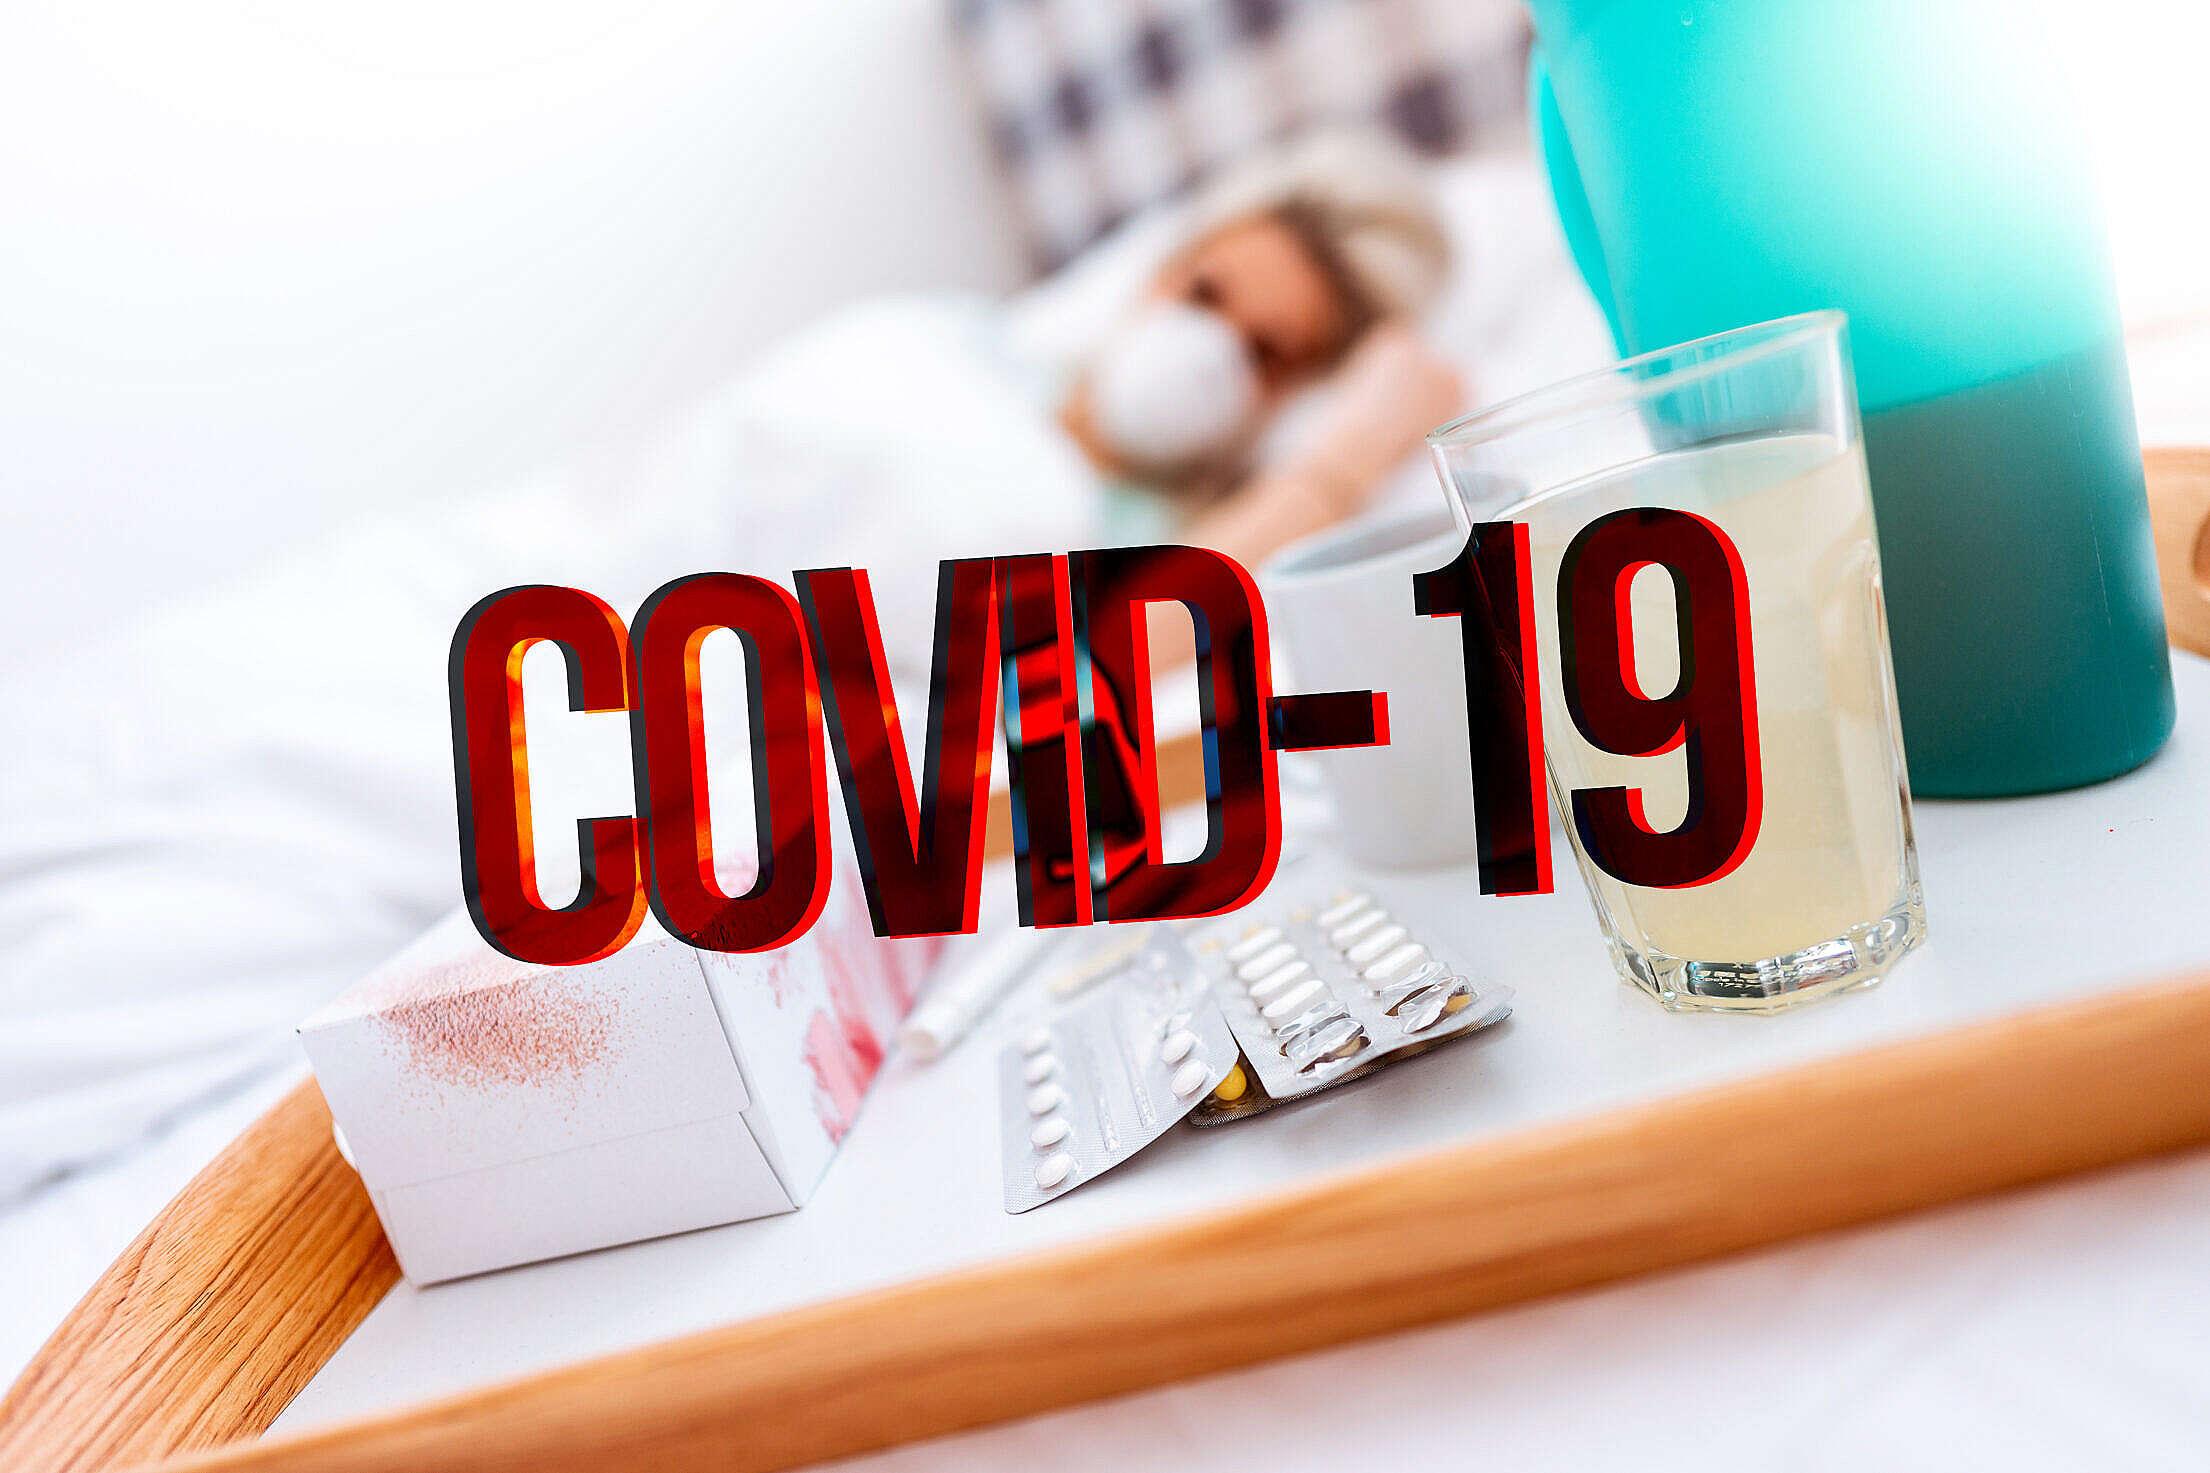 COVID-19 Free Stock Photo